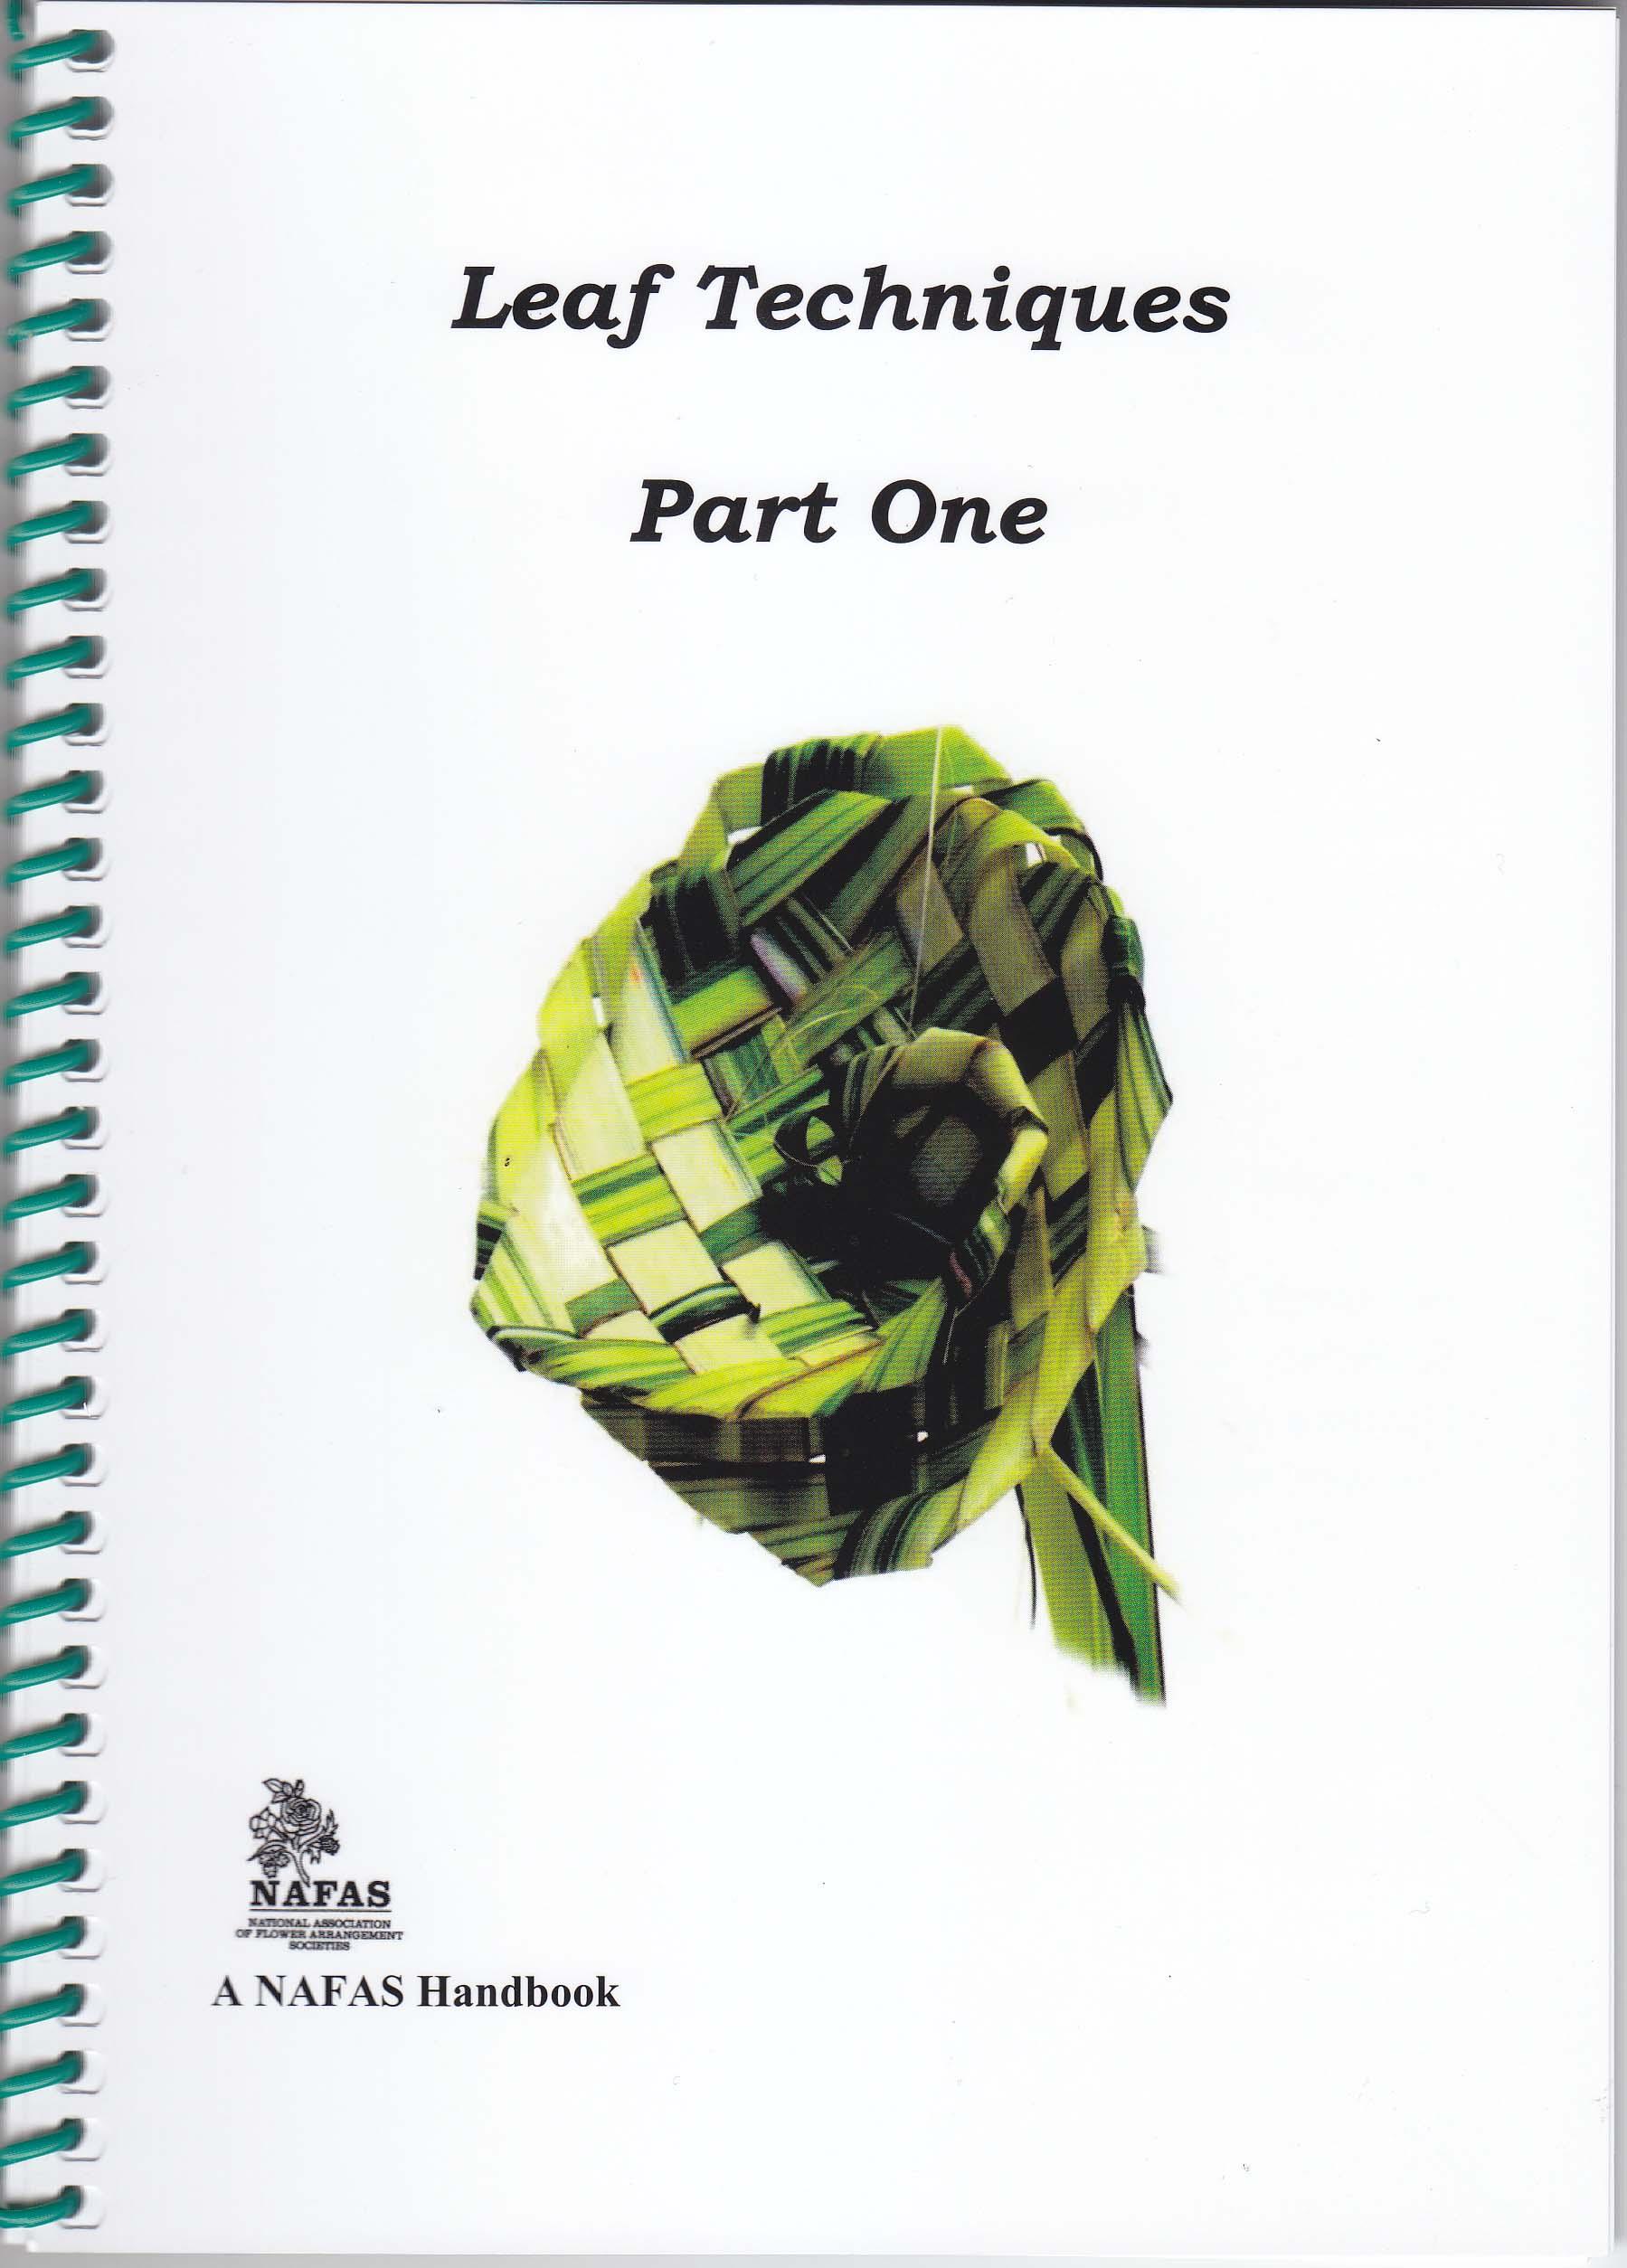 NAF036 Leaf Techniques Pt 1